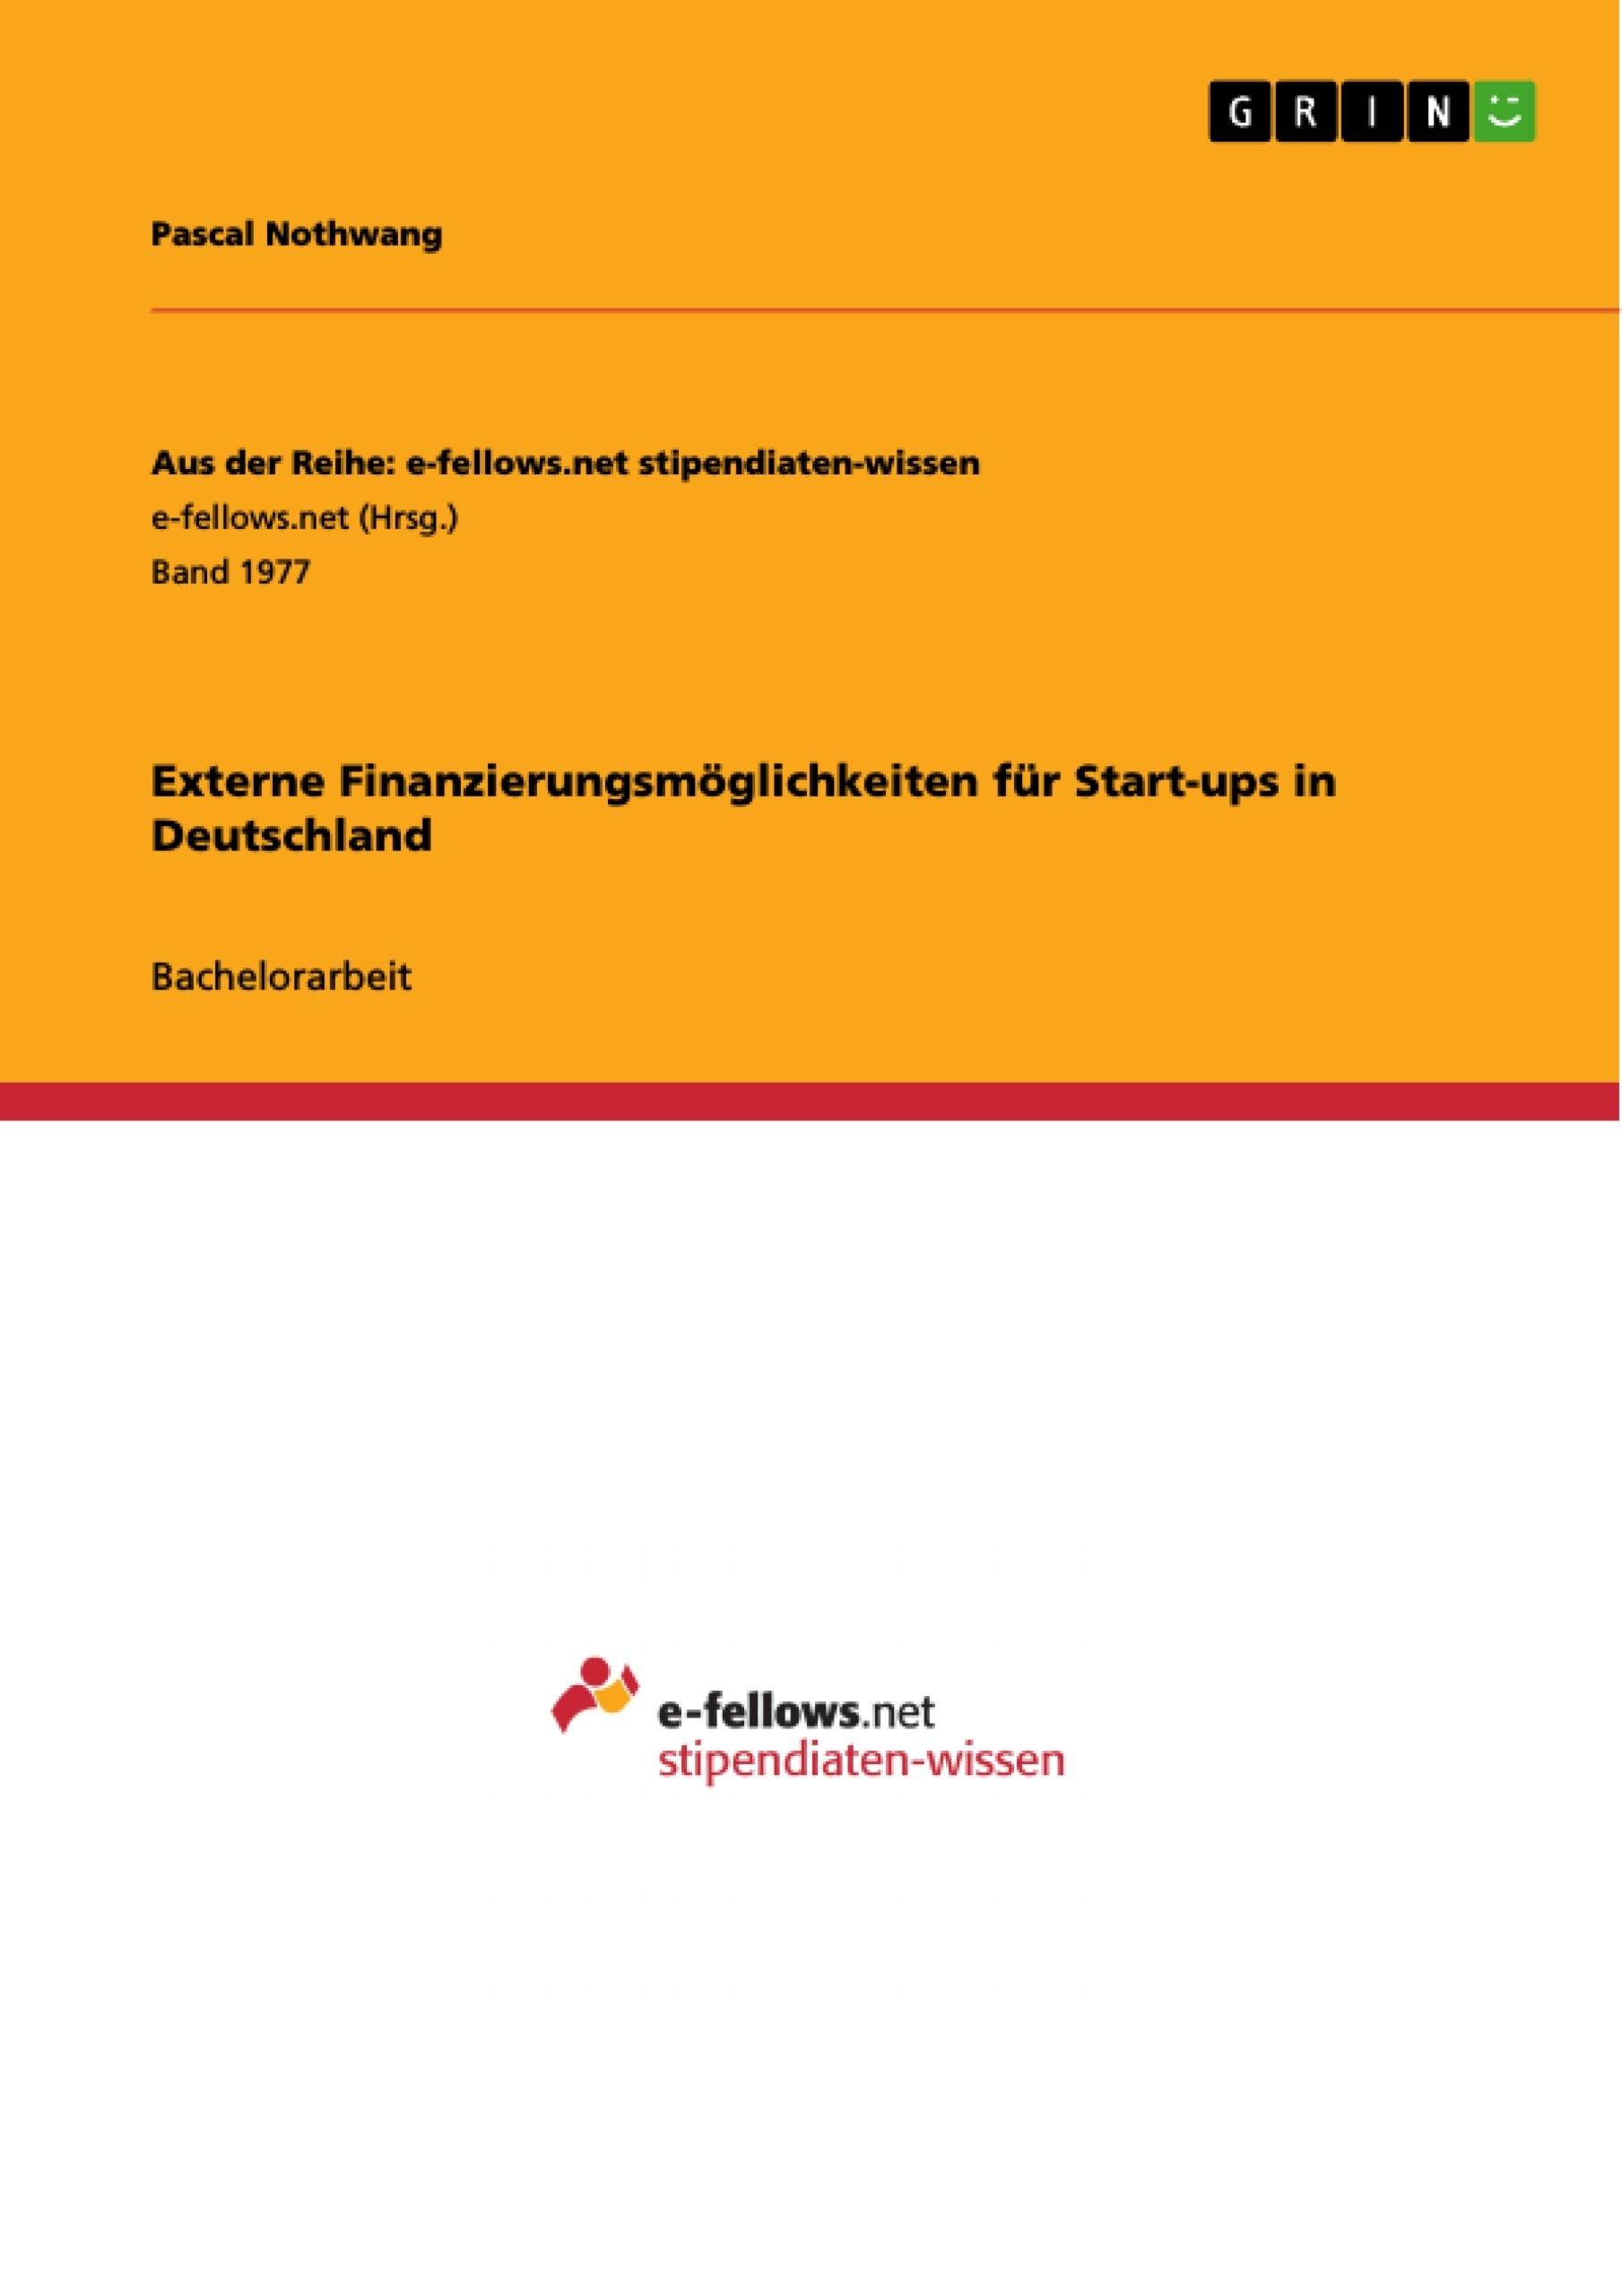 Titel: Externe Finanzierungsmöglichkeiten für Start-ups in Deutschland